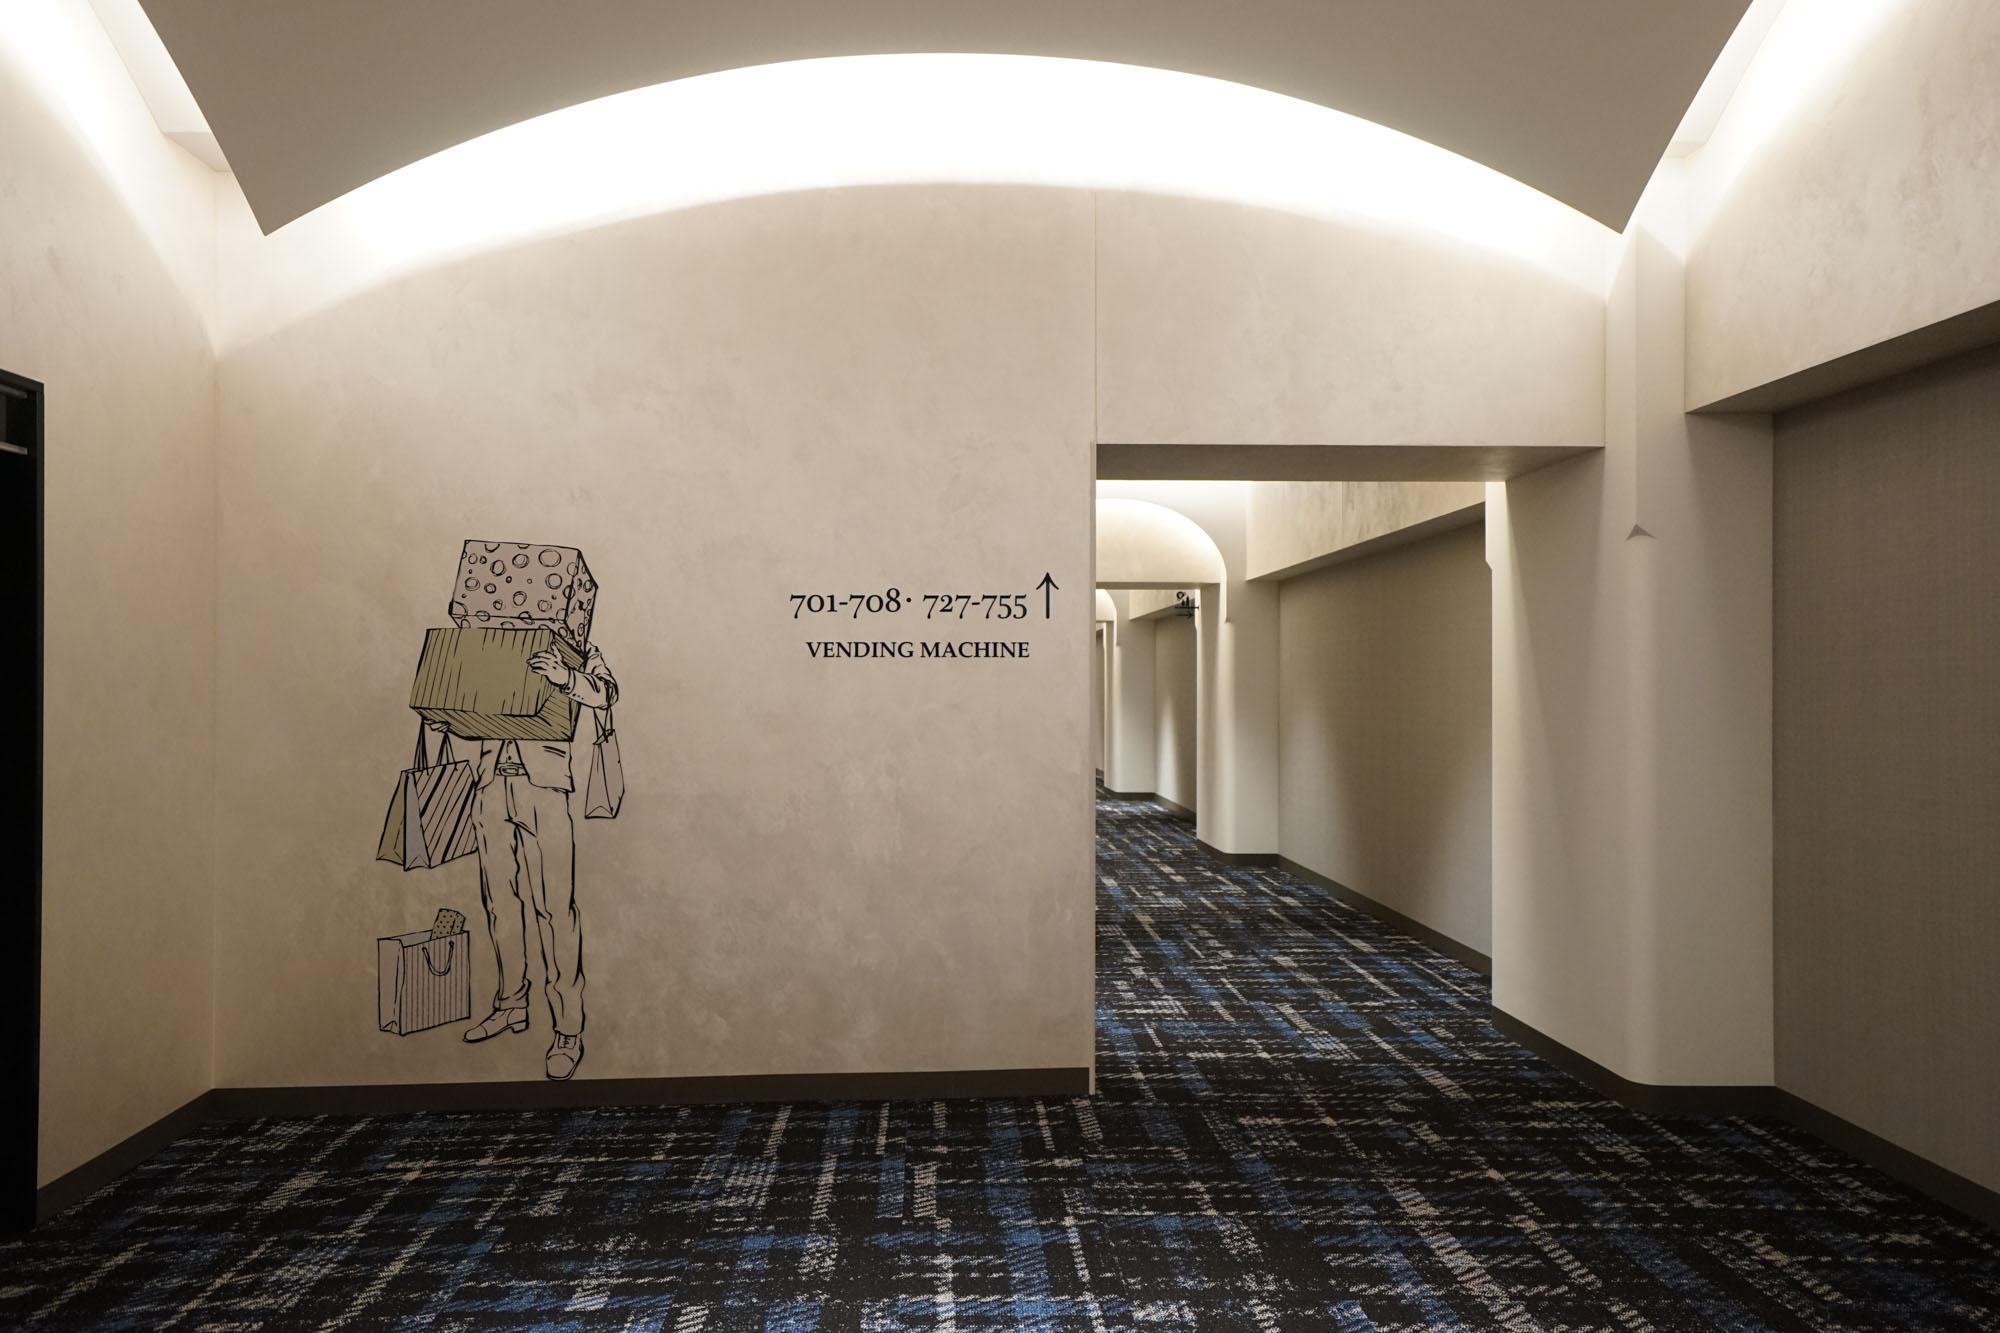 館内、いろんなところに描かれているイラストが可愛いです。